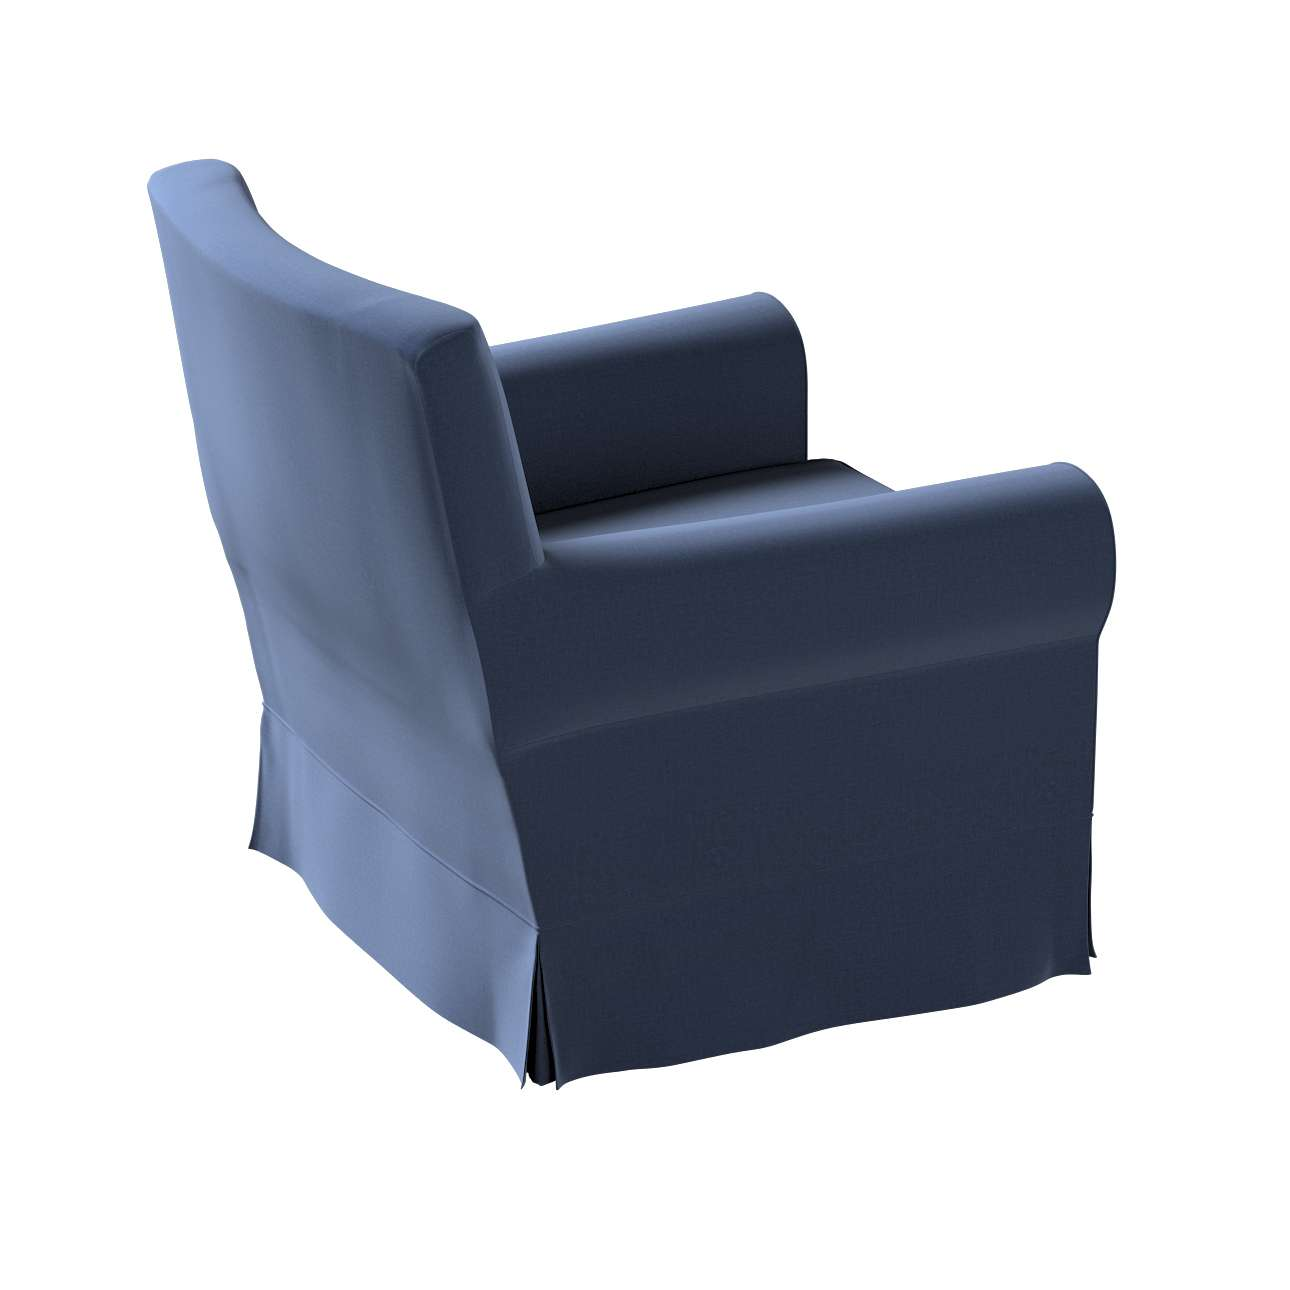 Pokrowiec na fotel Ektorp Jennylund w kolekcji Ingrid, tkanina: 705-39